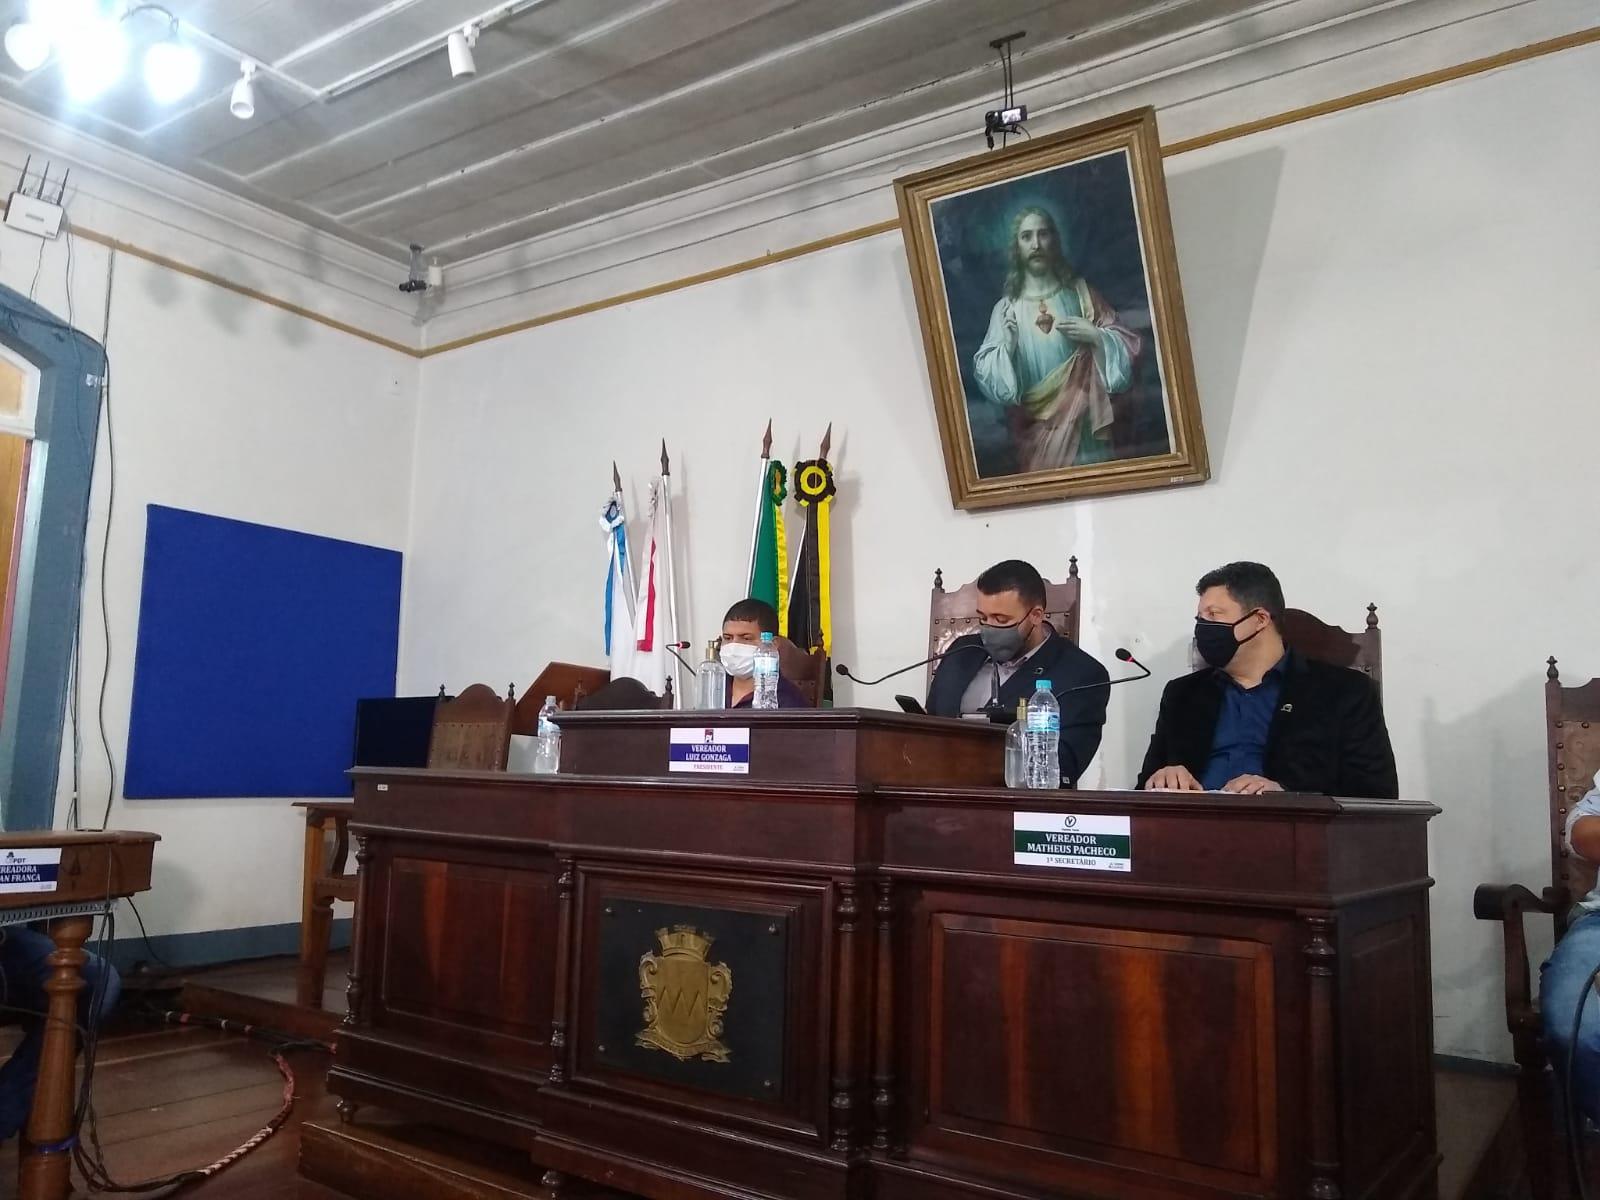 Como o relatório da CPI pode tirar a Saneouro de Ouro Preto?